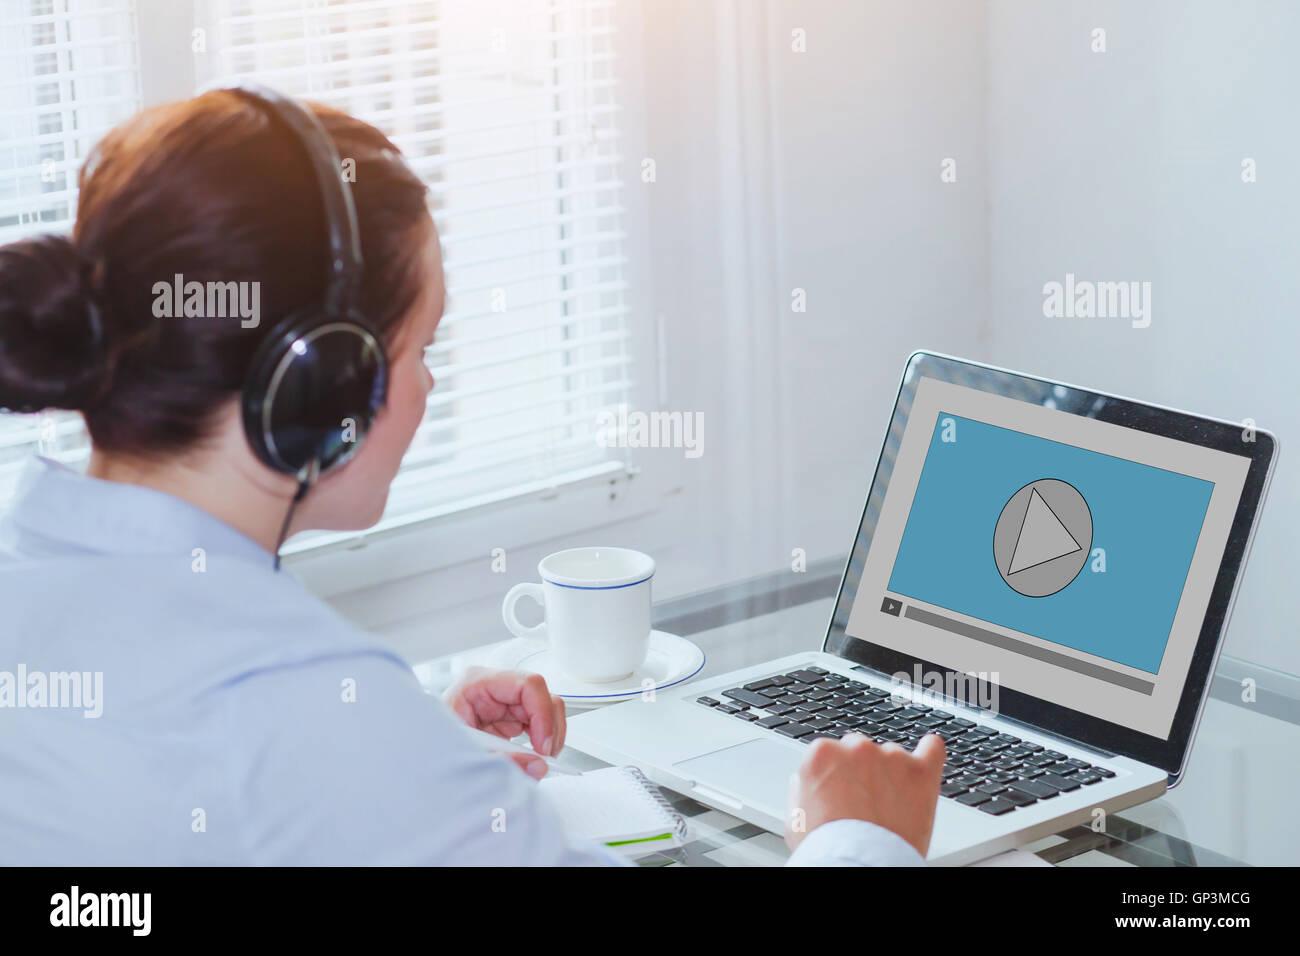 La donna guarda i video tutorial sul computer, business education online, multimedia Immagini Stock